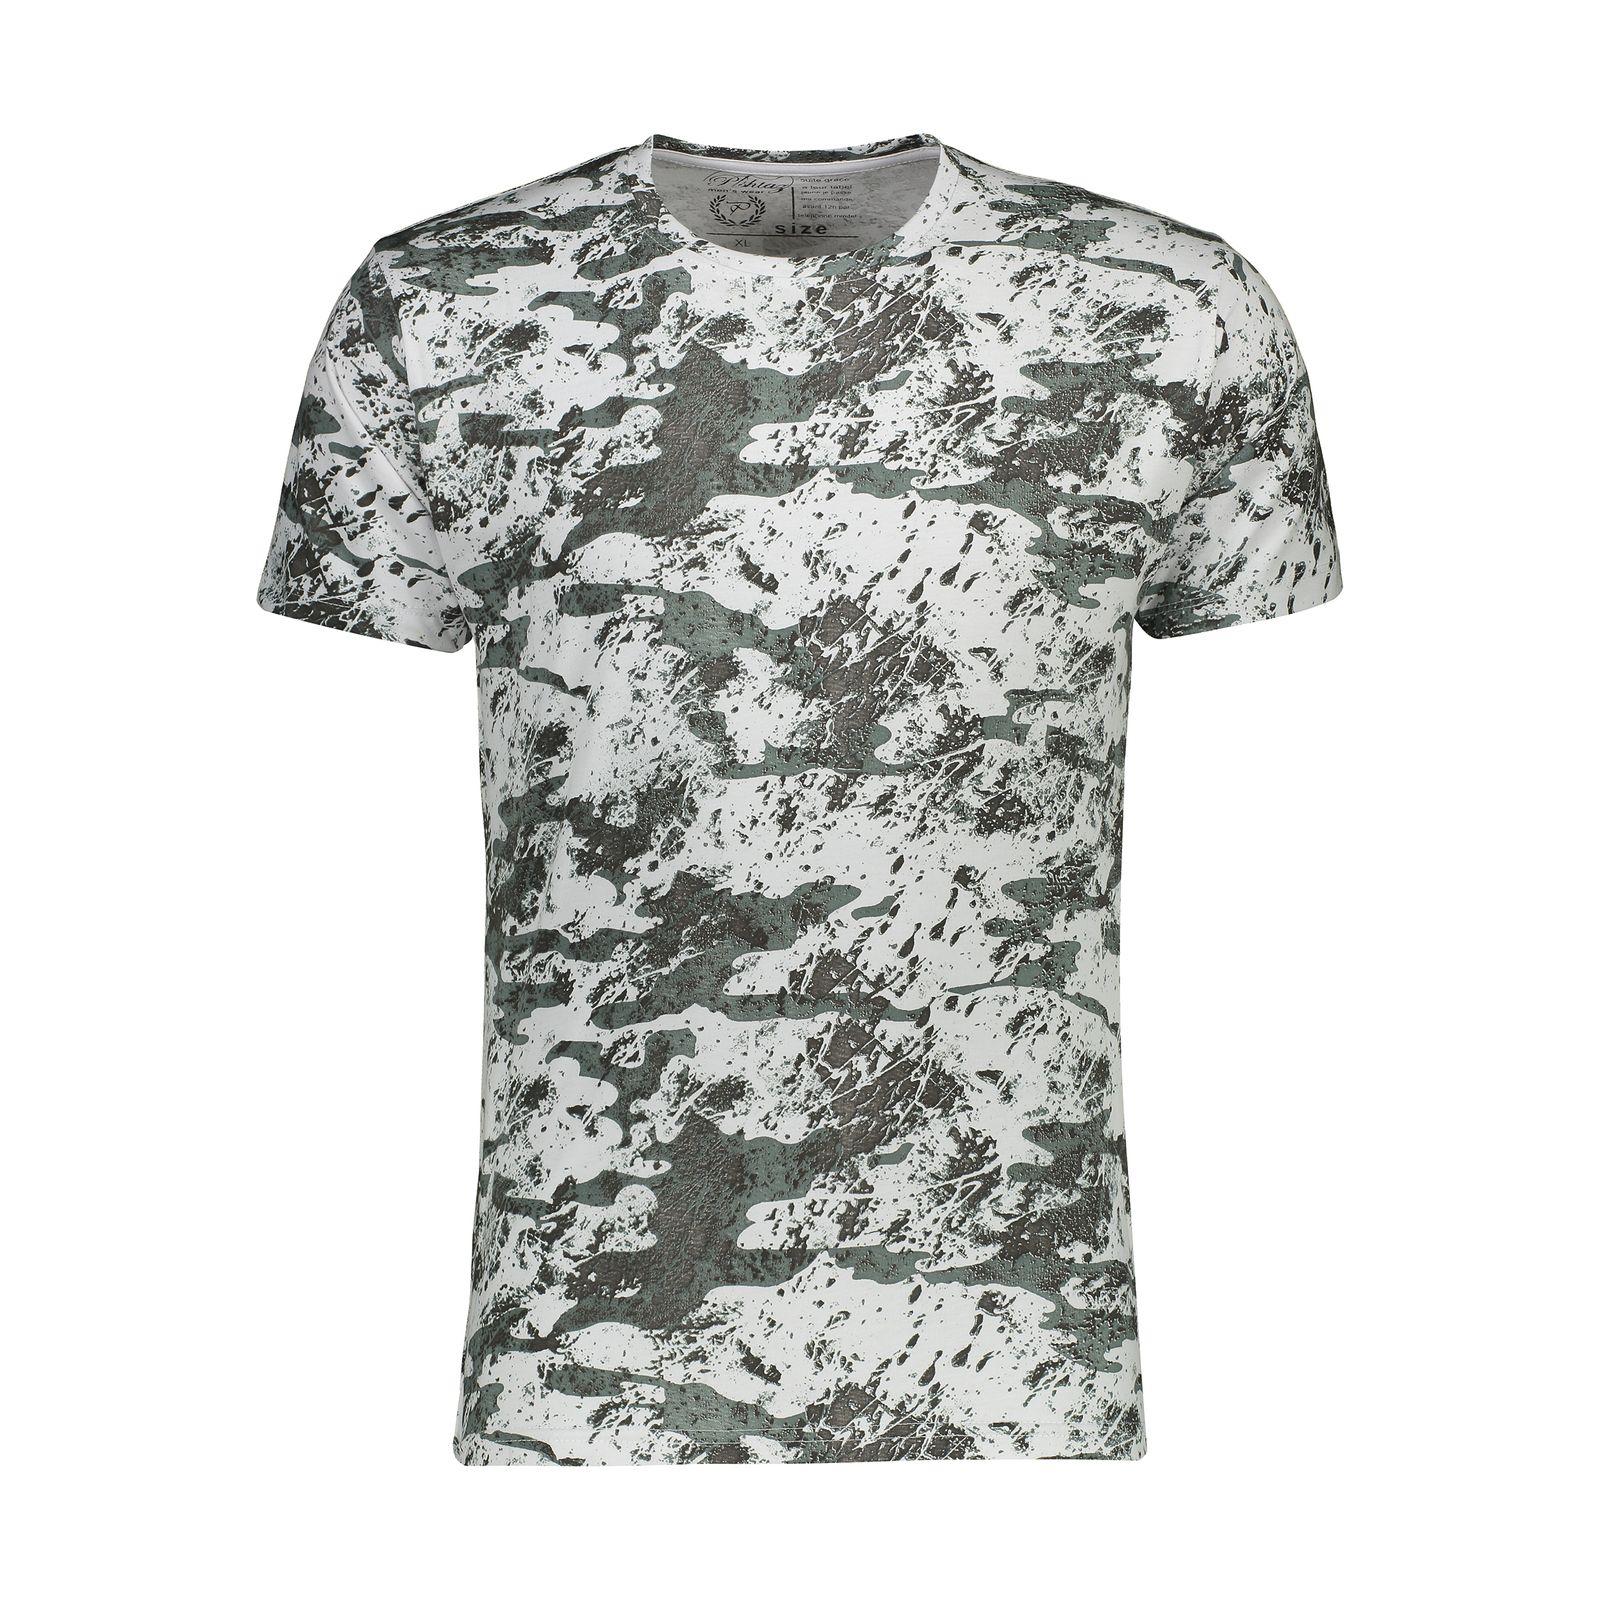 ست تی شرت و شلوار مردانه کد 111213-2 -  - 4